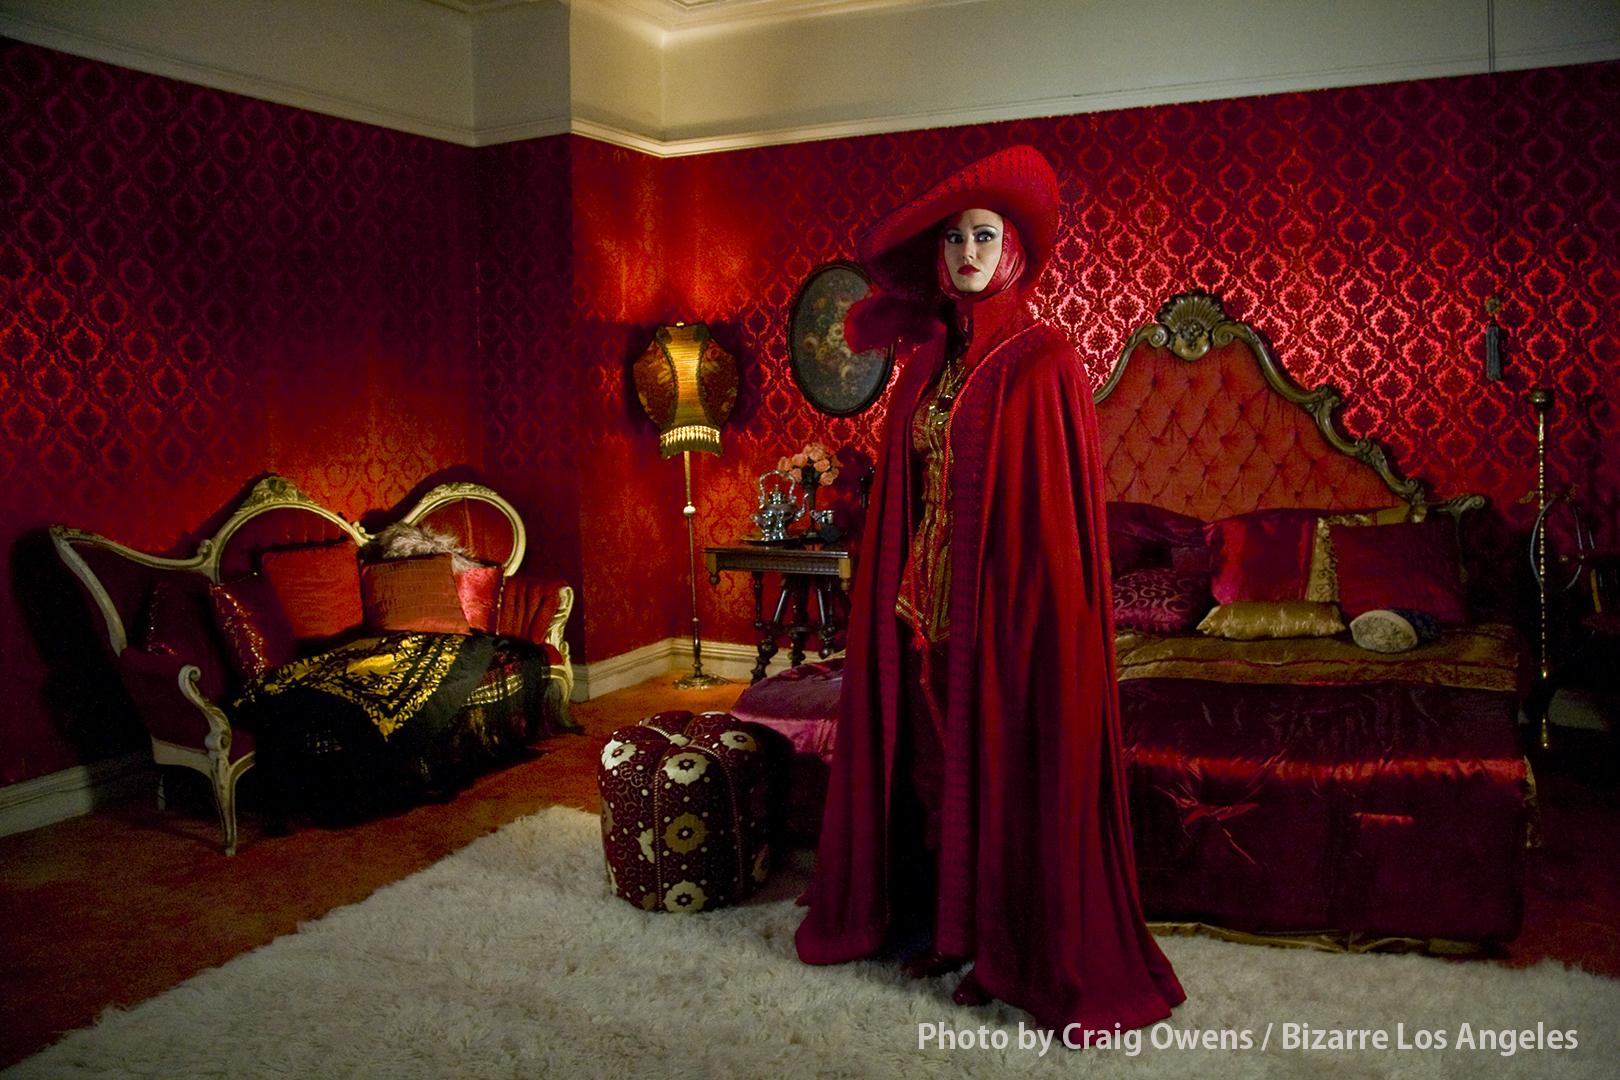 Gallery Bizarre Los Angeles